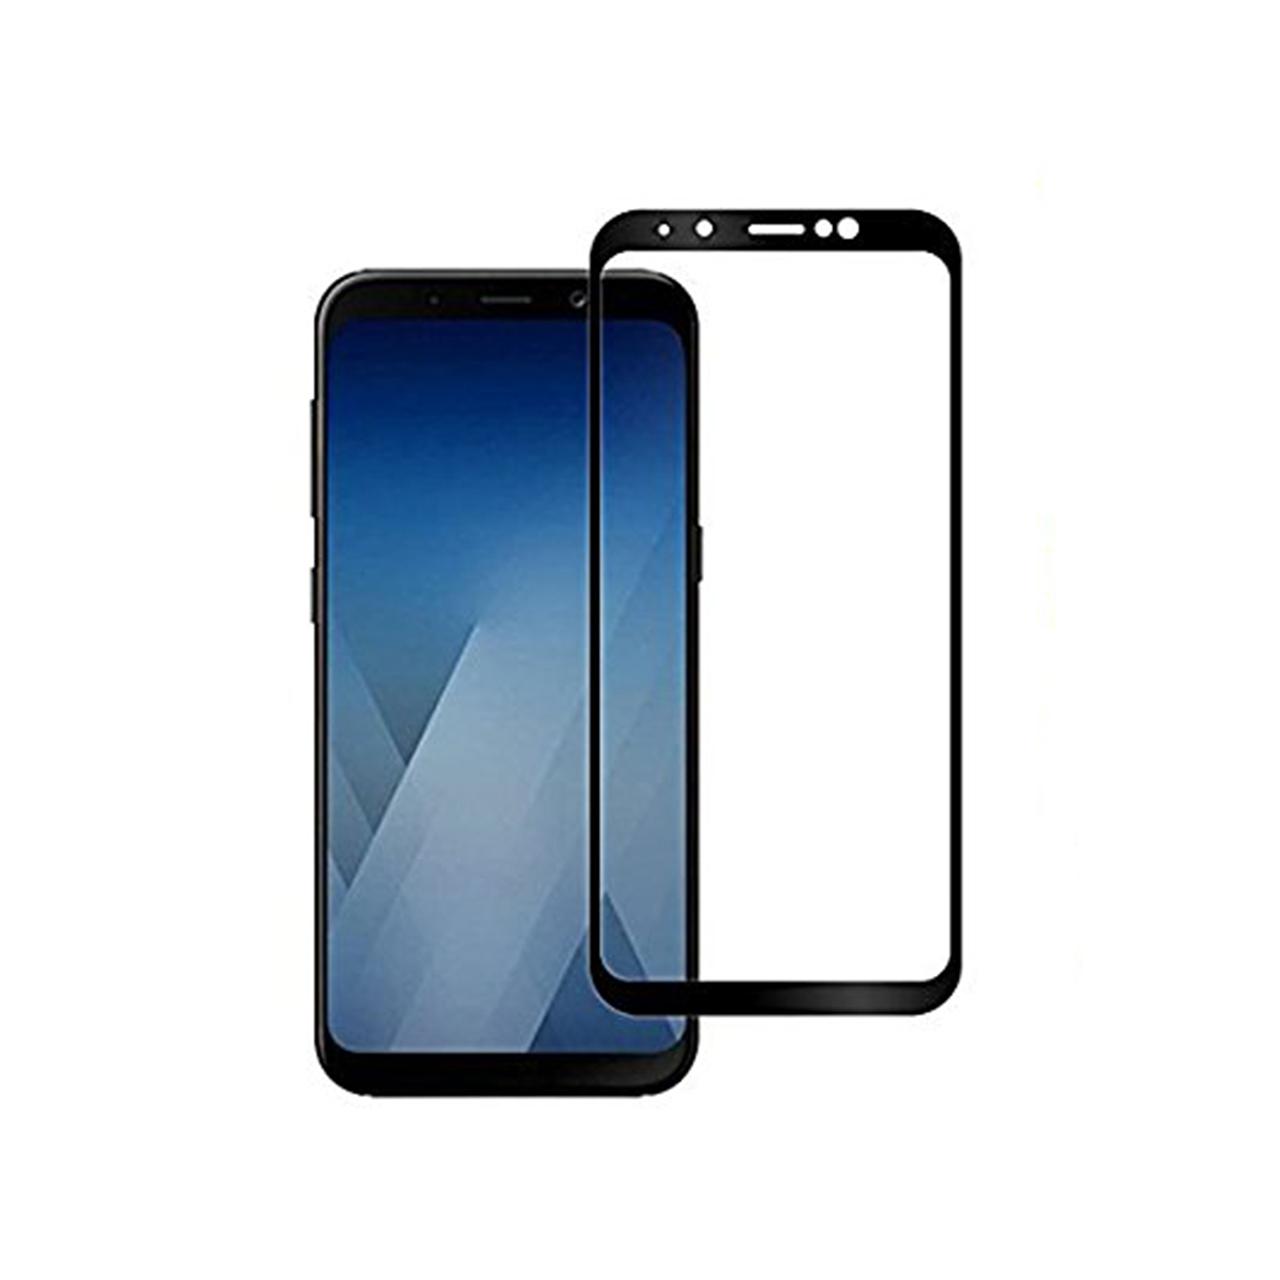 محافظ صفحه نمایش مدل Full Cover مناسب برای گوشی سامسونگ A6 Plus 2018